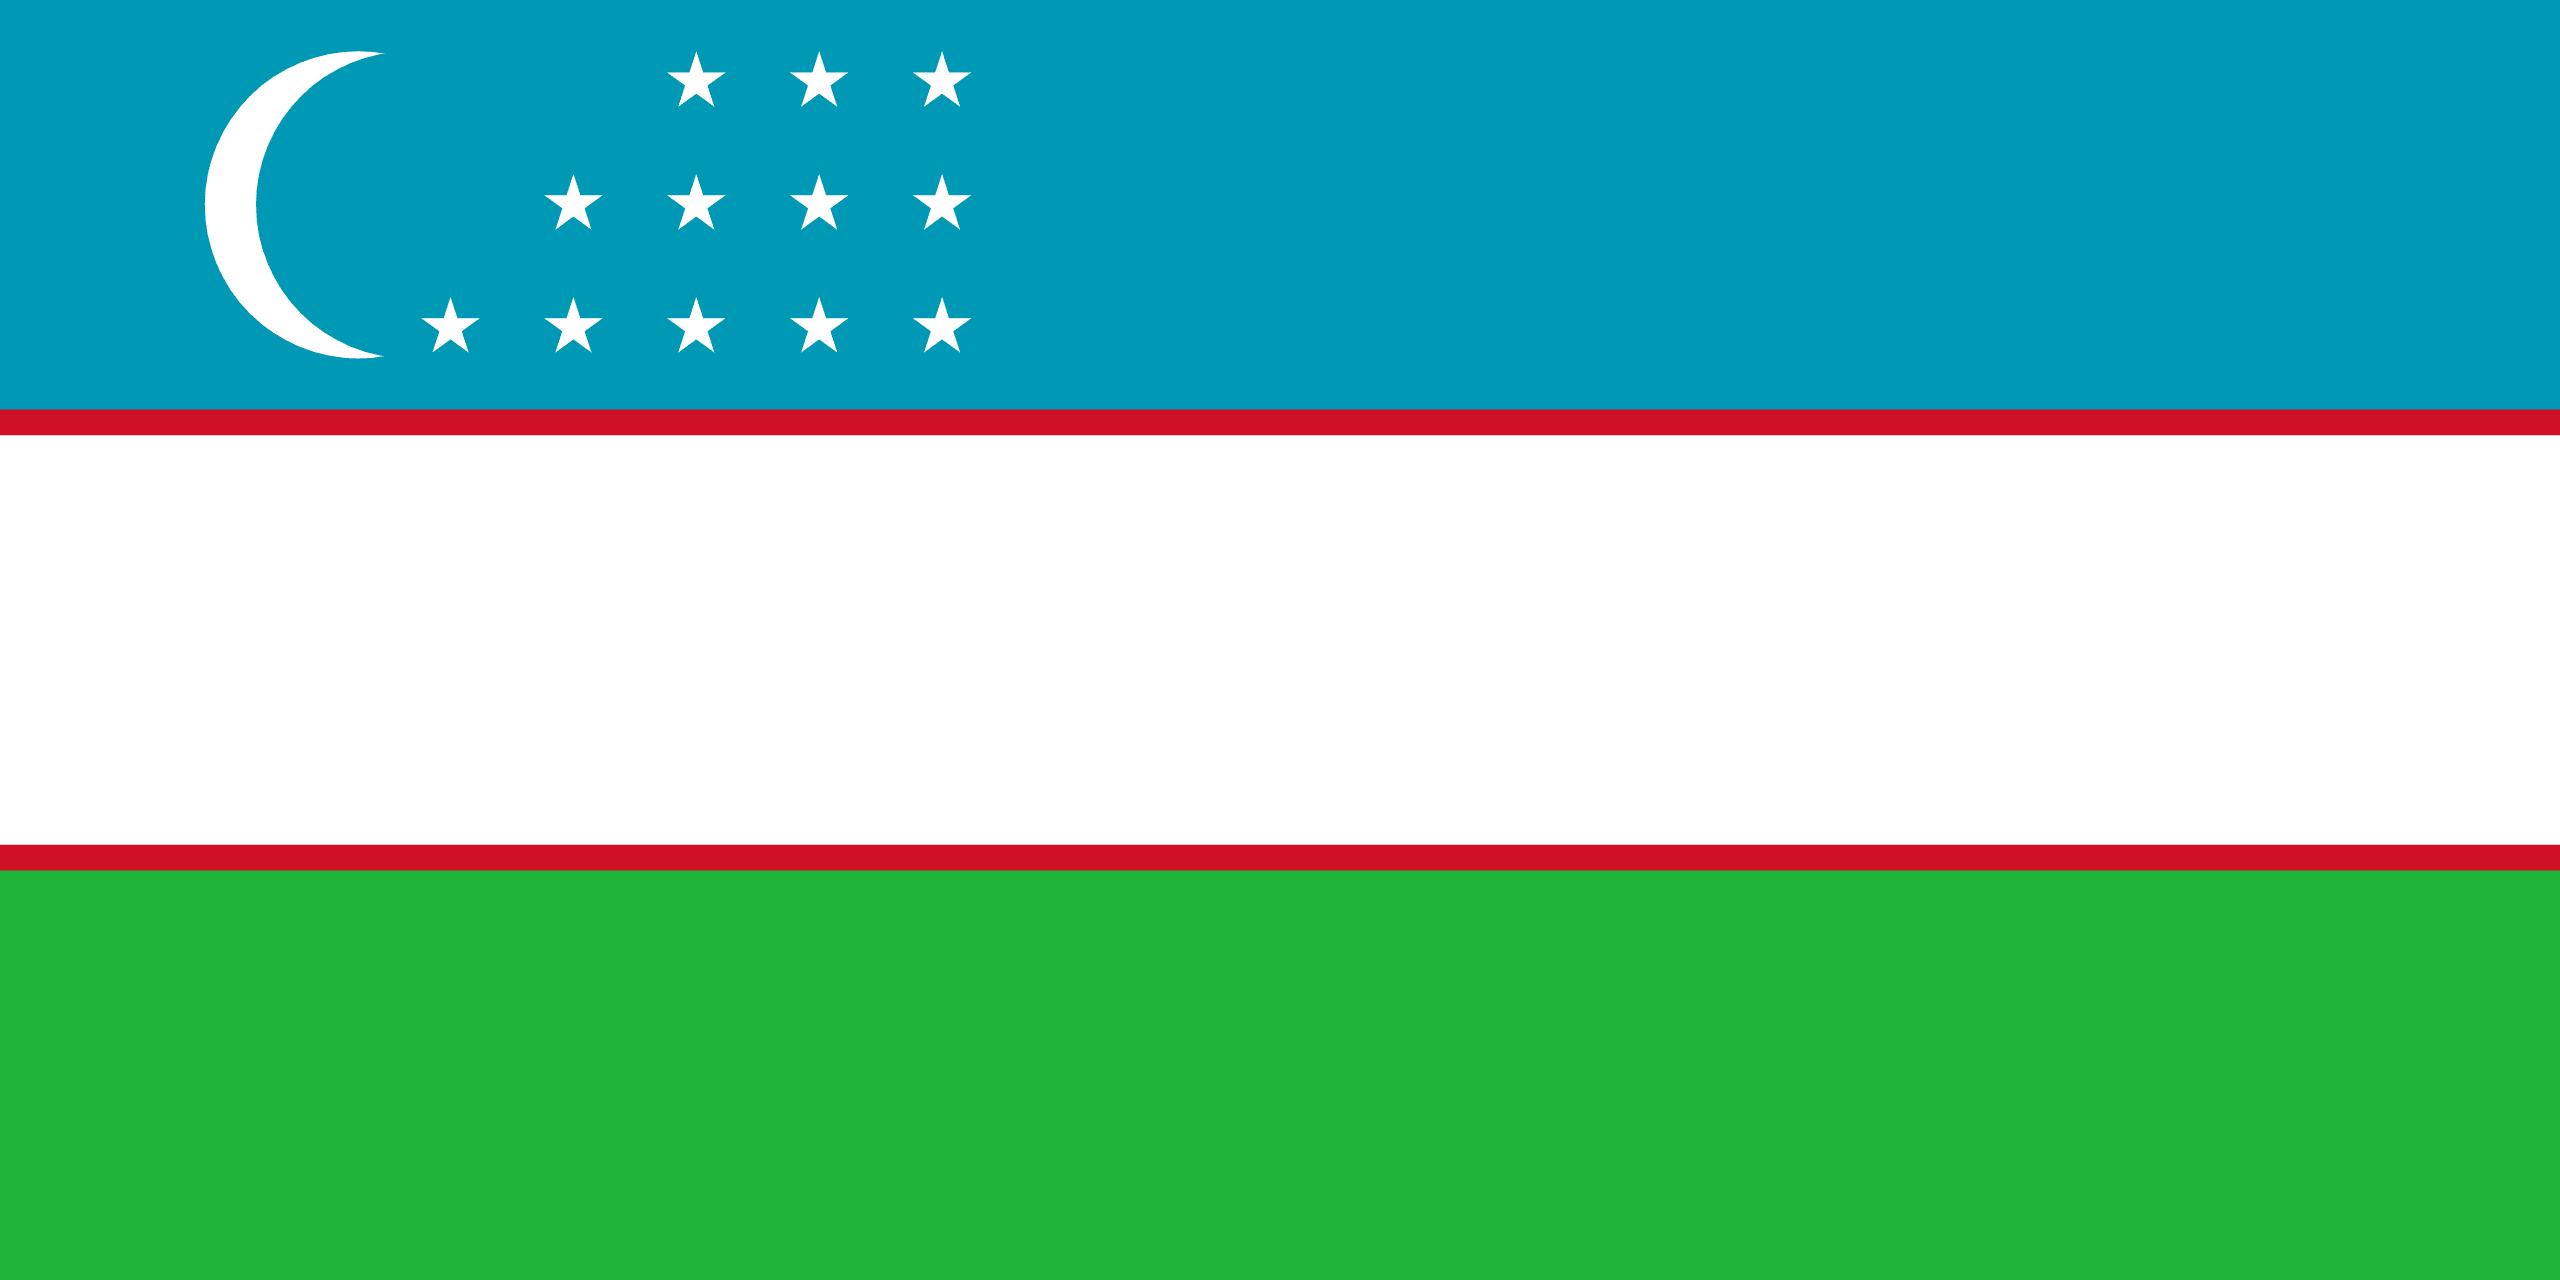 Özbekistan'ın Başkenti ve Para Birimi Nedir? Özbekistan'ın Bayrağı Nasıldır?